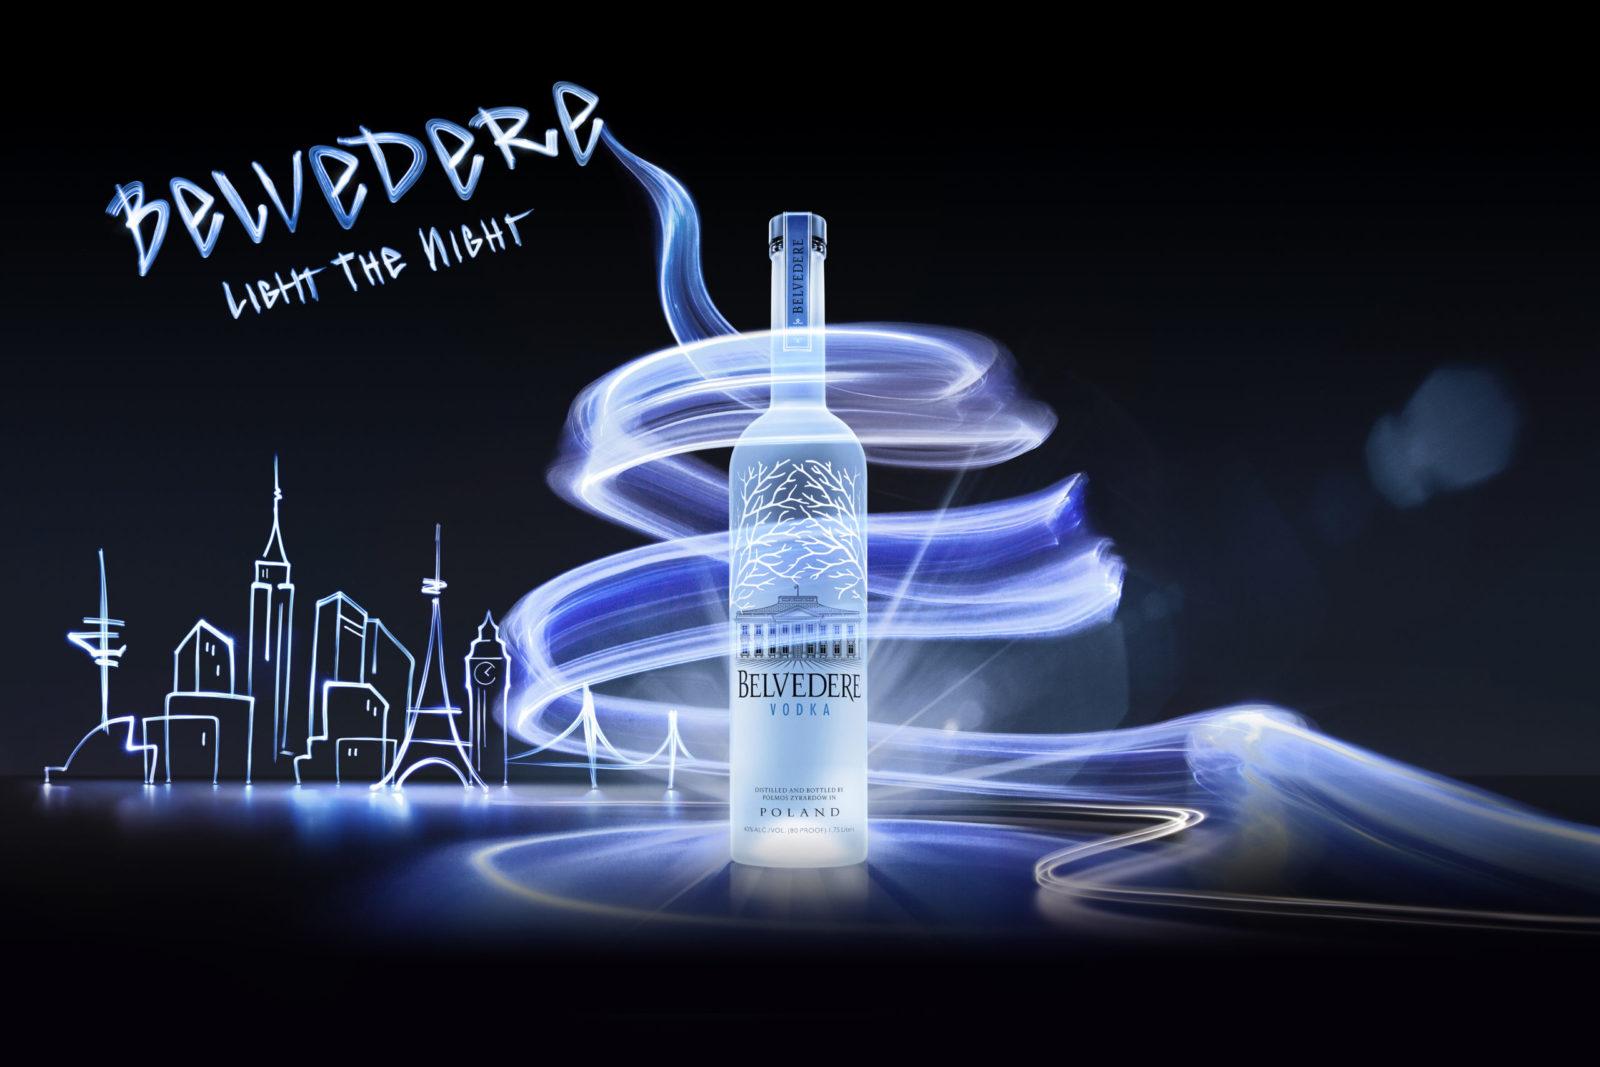 Kampagnenbild aus Licht für Belvedere Vodka